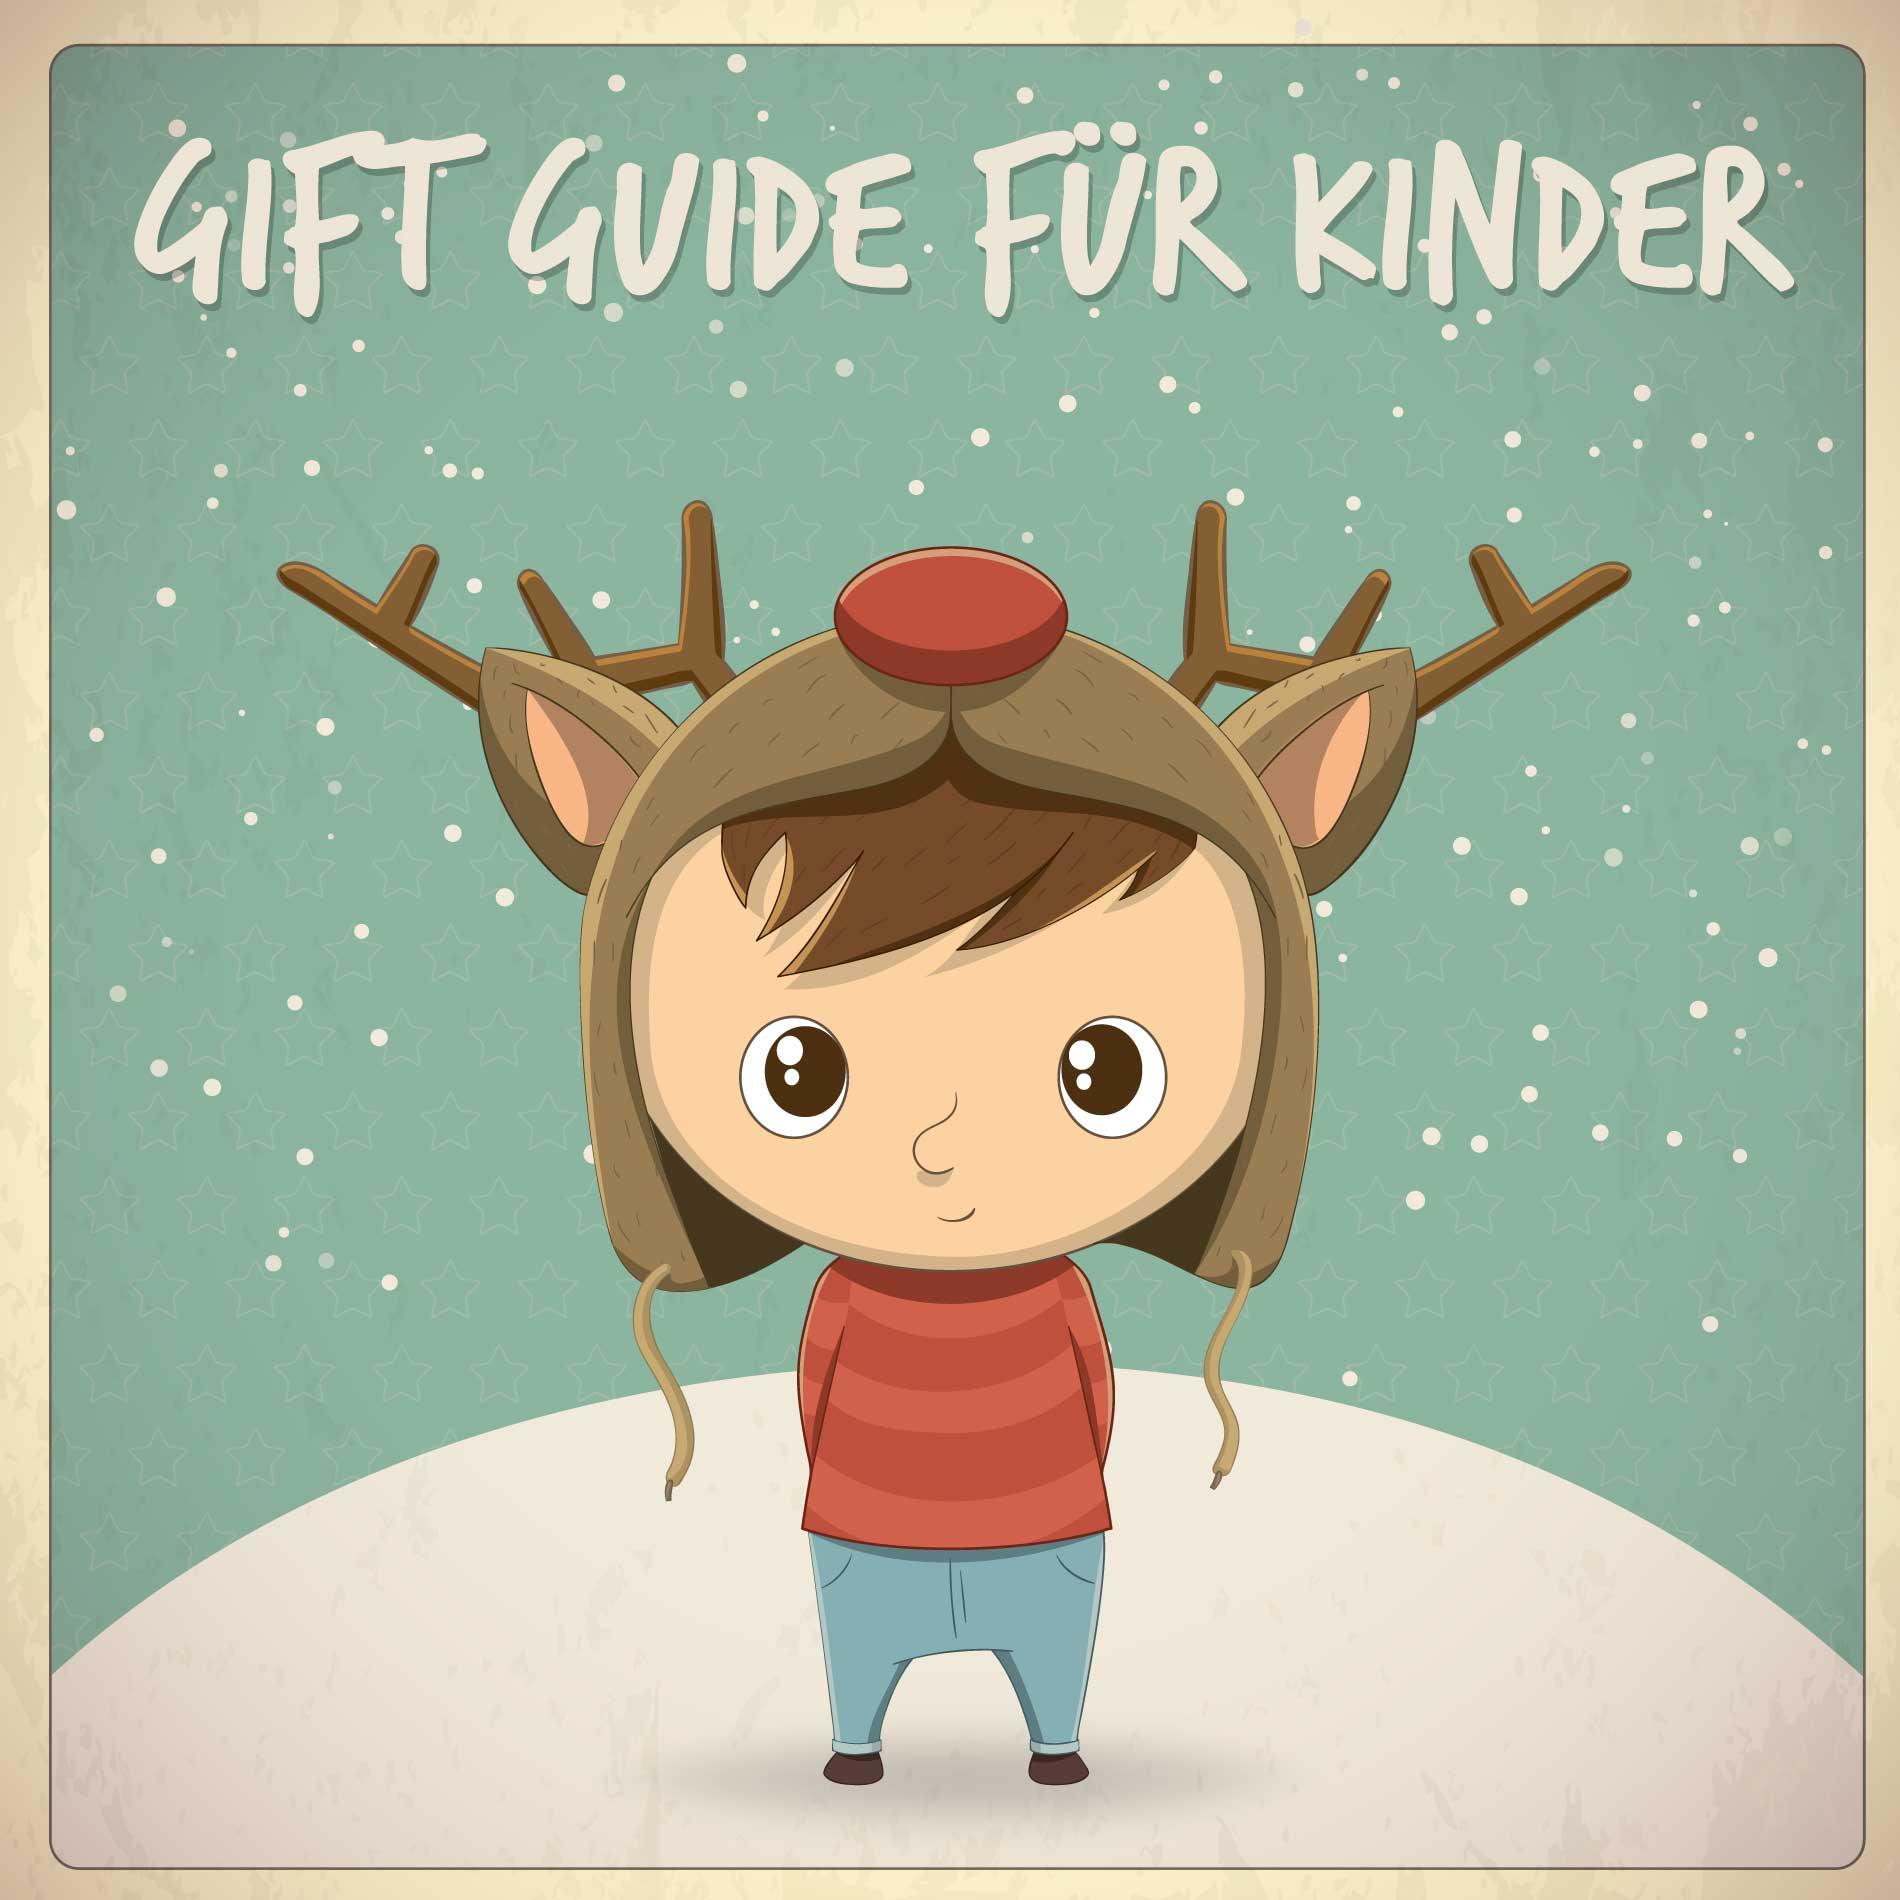 Gift Guide, Geschenkideen. Geschenke, Inspiration, Männern, Freund, Opa, Vater, Bruder, Gift, Weihnachten, Xmas,